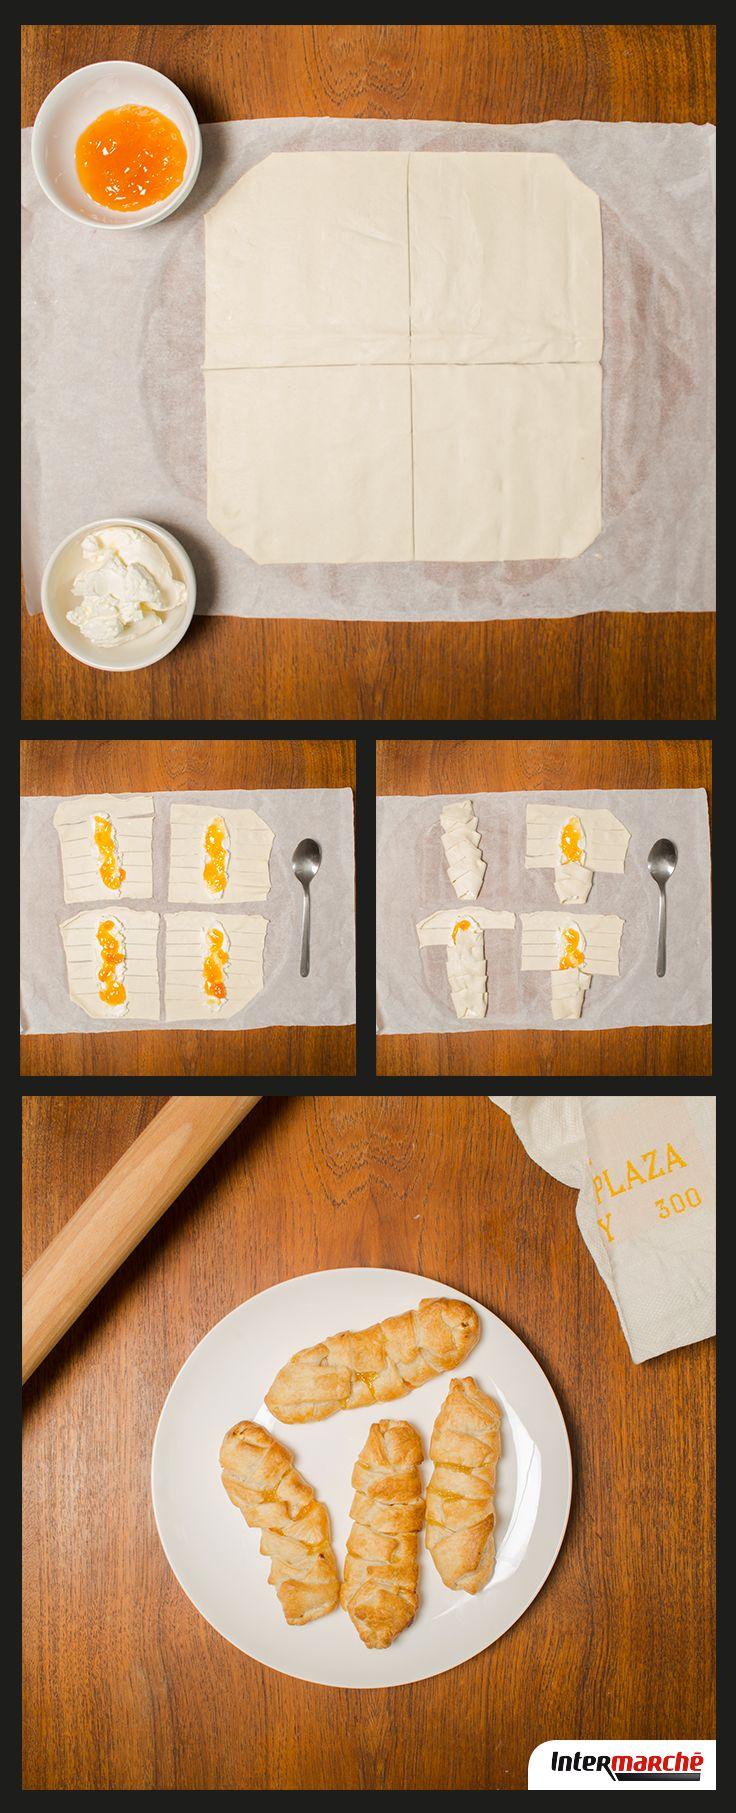 Pour un petit-déjeuner gourmand, suivez notre #recette de mini-croissant à la confiture d'abricot-pêche. 1) Coupez la pâte feuilletée en 4 parties égales. 2) Taillez des lanières de chaque côté des carrés de pâte, afin de les replier en forme de croissant par la suite. Au milieu du carré, étalez du fromage frais, puis de la confiture par dessus.  3) Repliez petit à petit les lanières des deux côtés pour les faire se chevaucher et formez un croissant. 4) Enfournez à 210 degrés pendant 15…